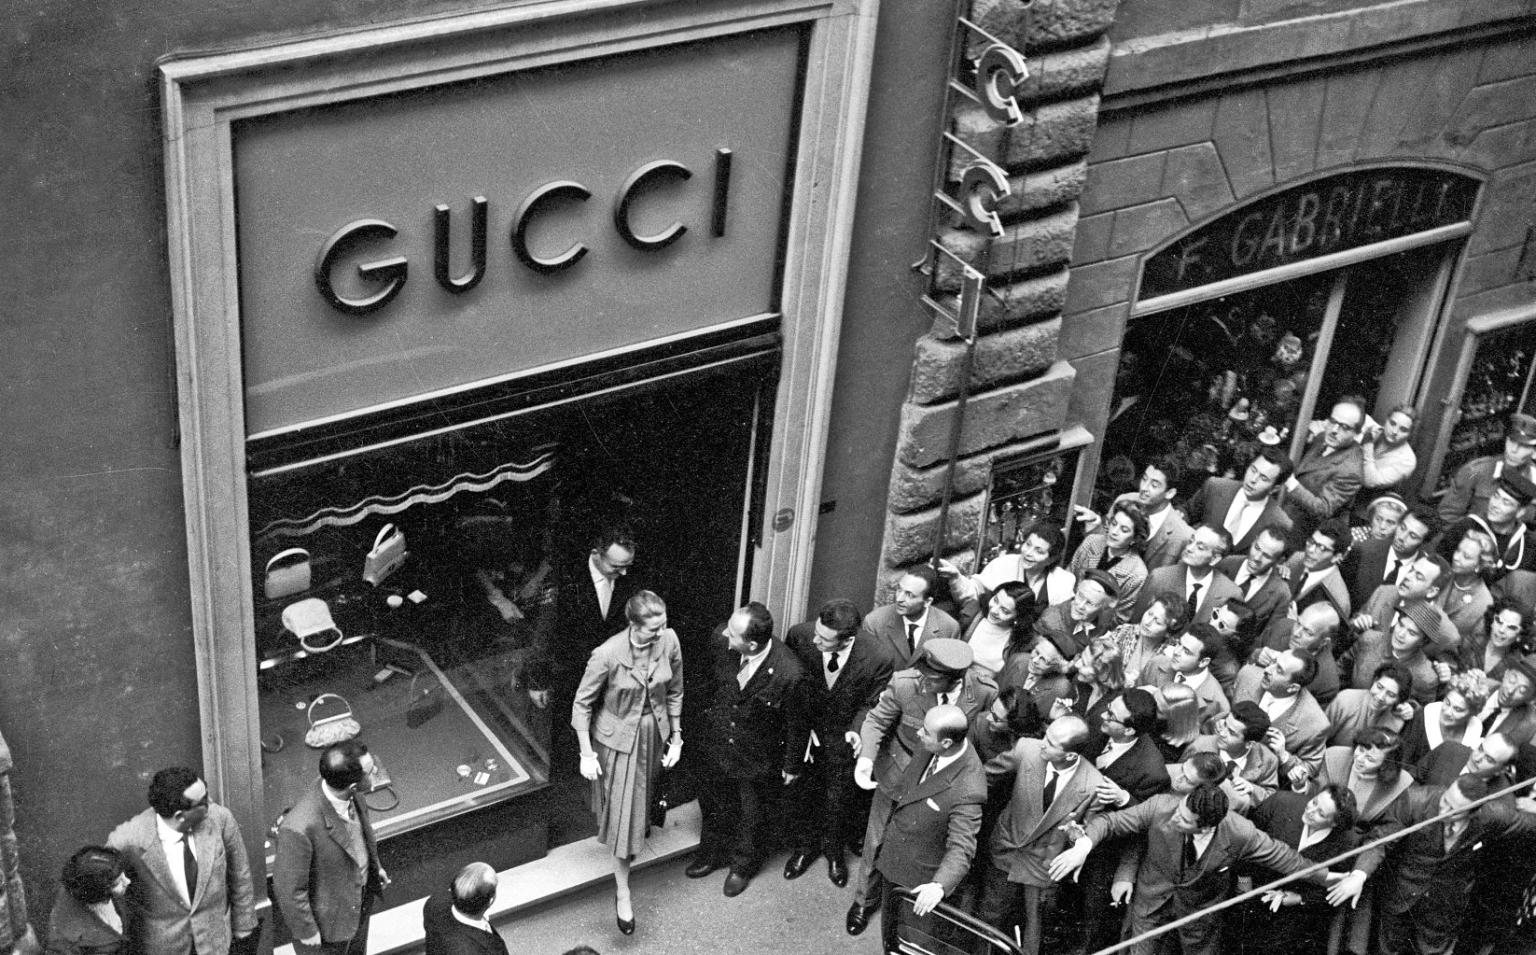 'GUCCI', la película de Ridley Scott PODRÍA CONTAR CON LA ACTUACIÓN DE Lady Gaga, JARED LETO, ROBERT DENIRO Y ADAM DRIVER